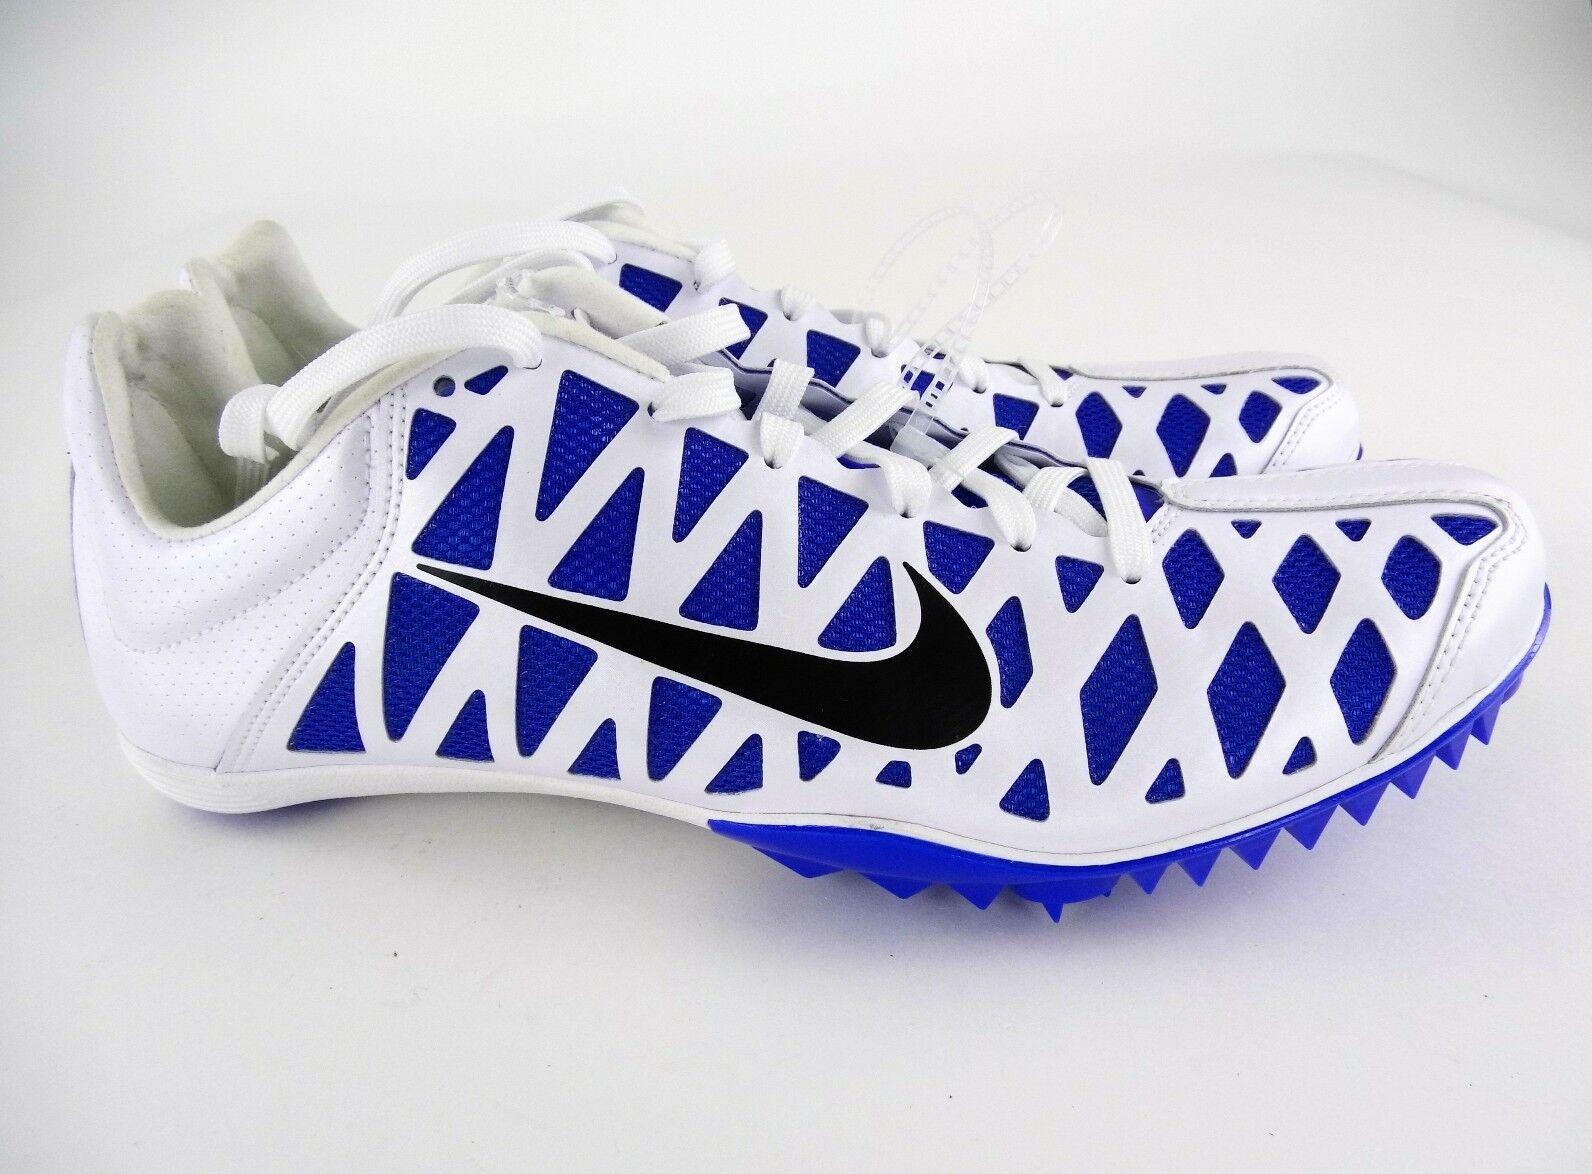 Uomini, andiamo flex max-54700 max-54700 flex scarpe skechers c9b27e